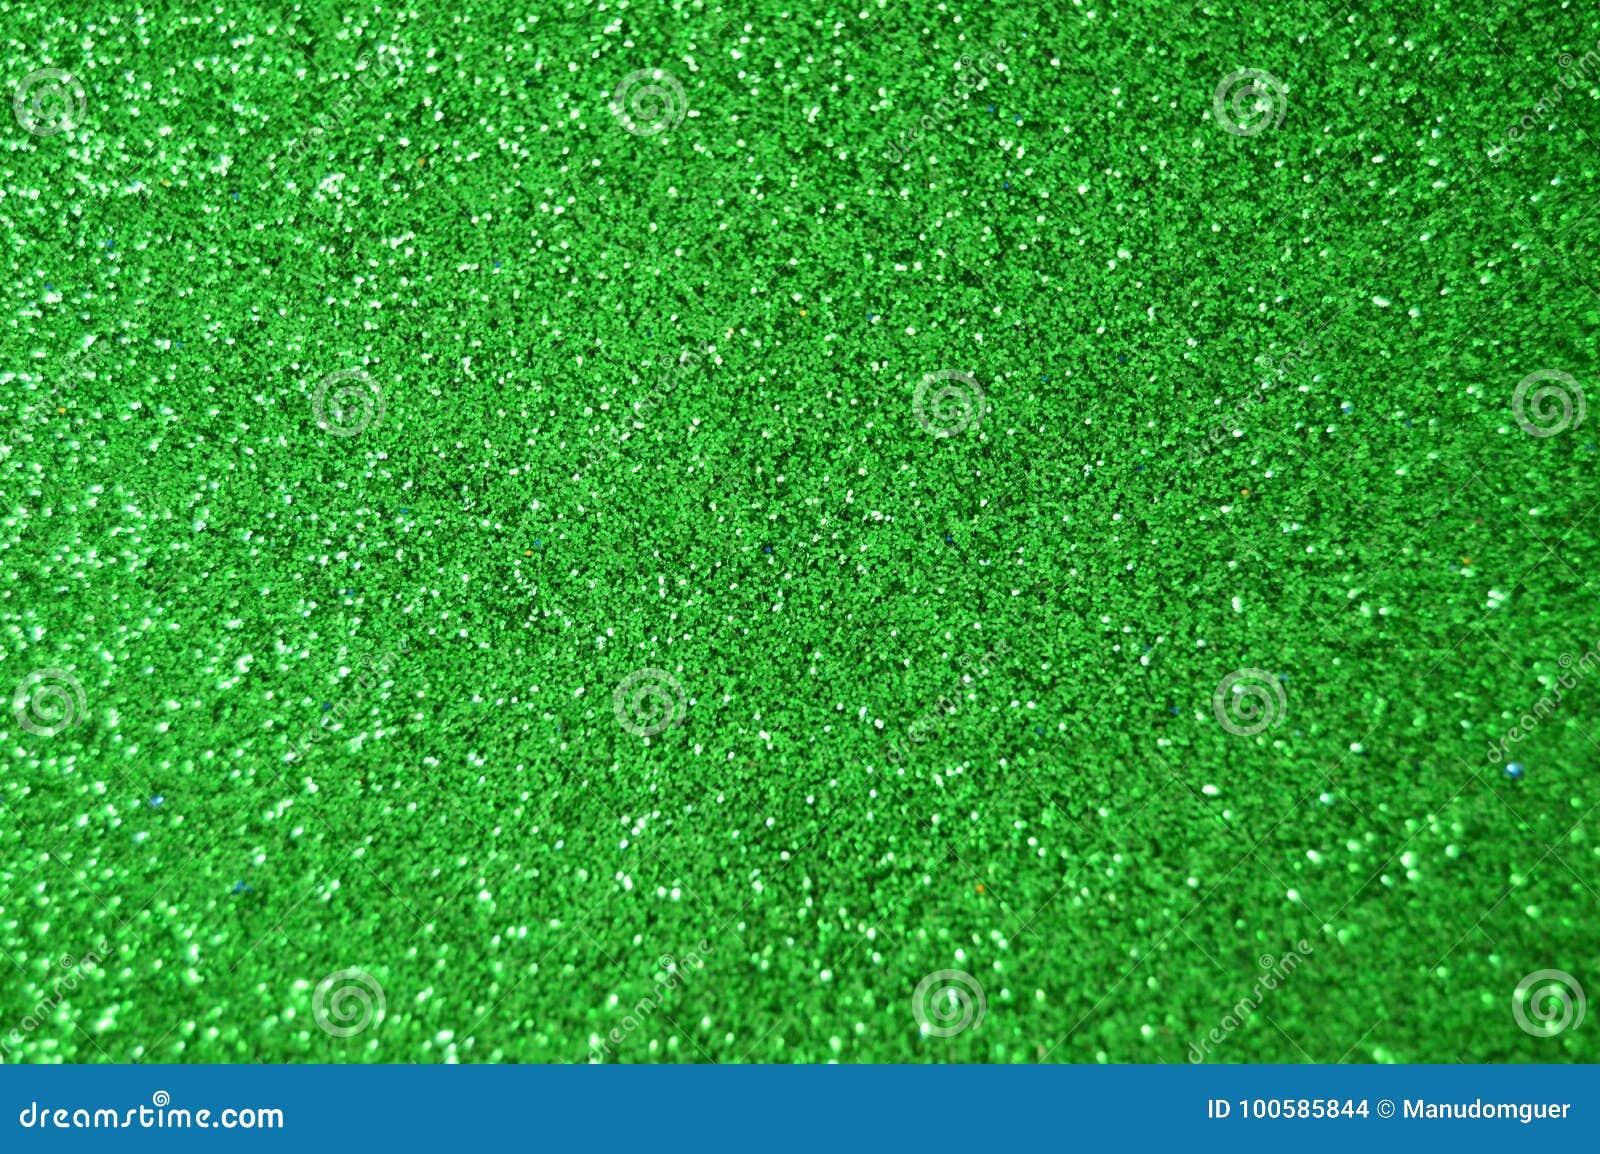 Зеленая предпосылка яркого блеска искры Праздник, рождество, валентинки, красота и ногти резюмируют текстуру